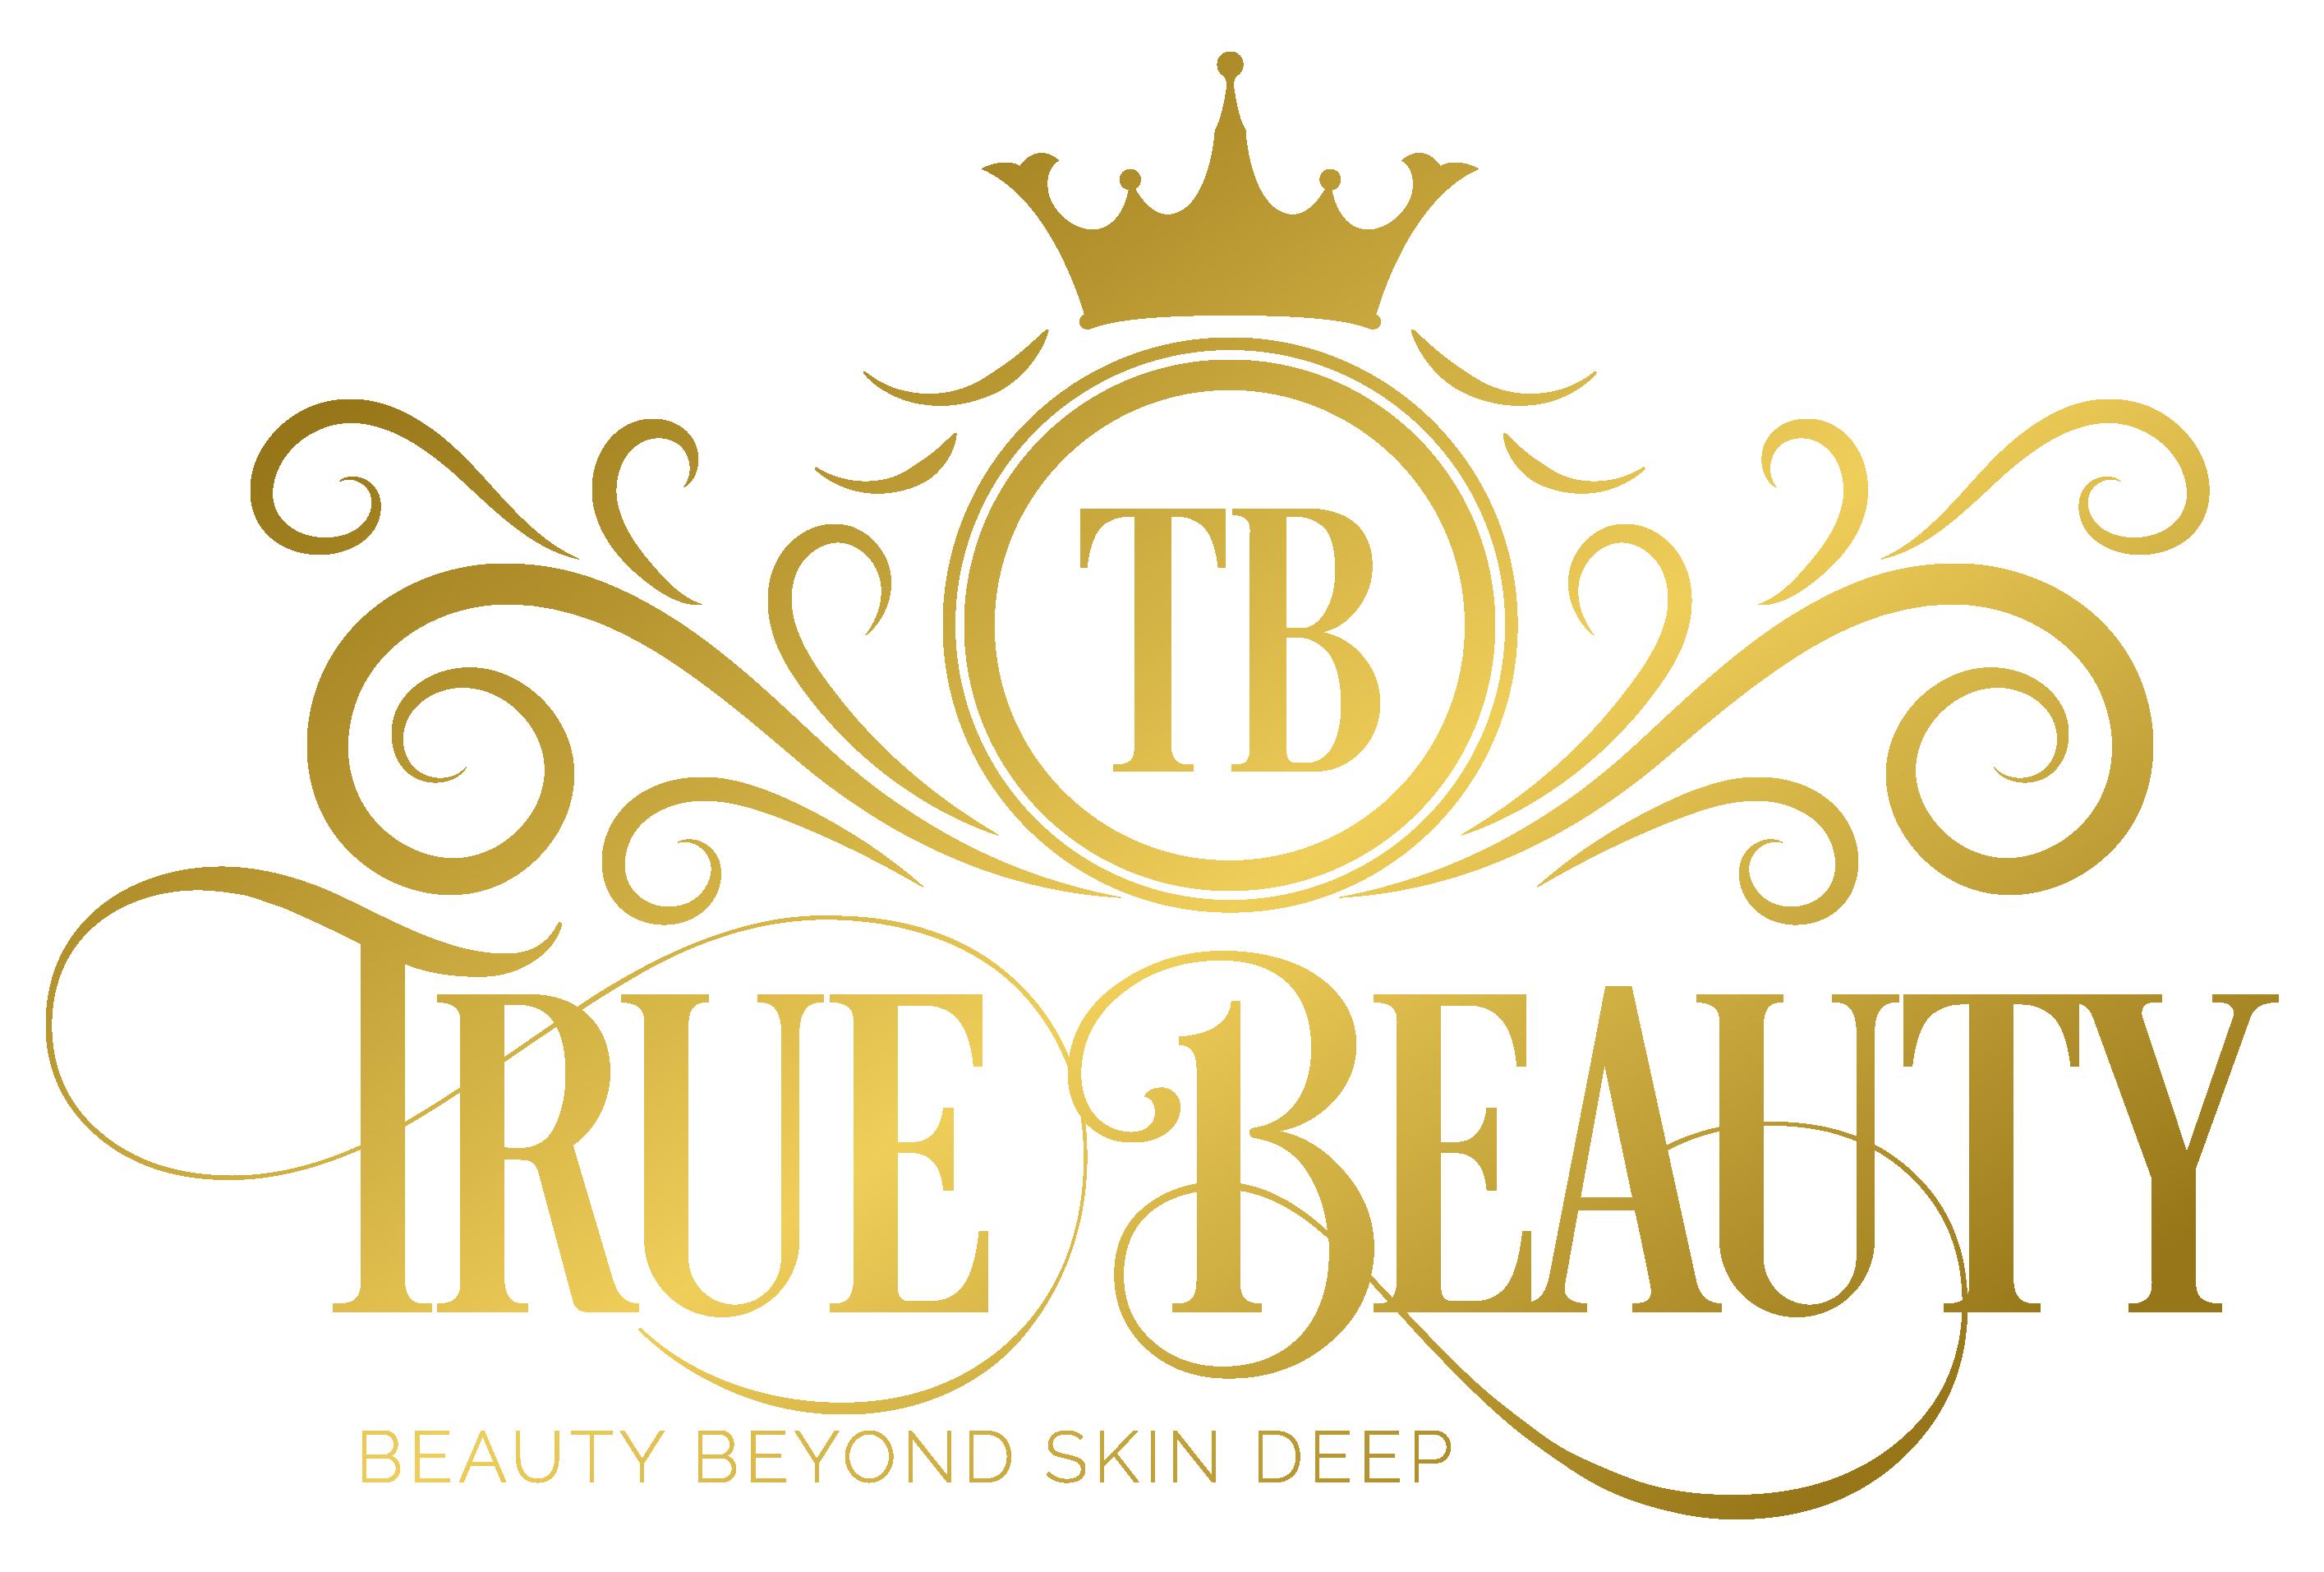 True Beauty Trading Company